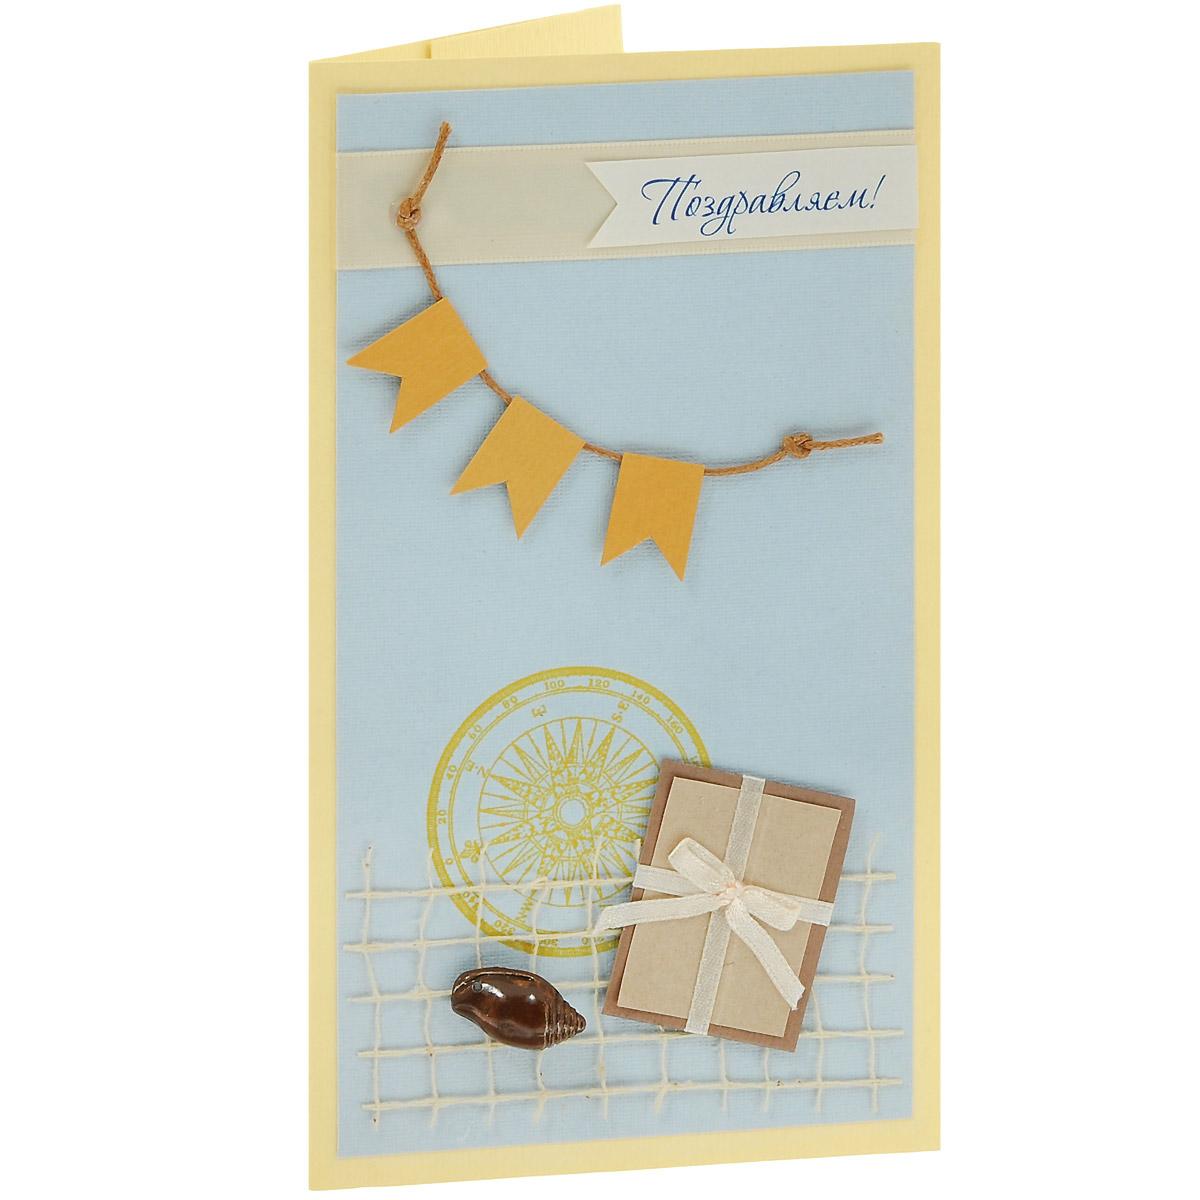 ОМ-0007 Открытка-конверт «Поздравляю!» Студия «Тётя Роза»Брелок для ключейХарактеристики: Размер 19 см x 11 см.Материал: Высоко-художественный картон, бумага, декор. Данная открытка может стать как прекрасным дополнением к вашему подарку, так и самостоятельным подарком. Так как открытка является и конвертом, в который вы можете вложить ваш денежный подарок или просто написать ваши пожелания на вкладыше. Серо-бежевая открытка, легкаяи сдержанная. В дизайне использованы атласные ленты и сетка, вощеный шнур, пуговицы и ракушки. Также открытка упакована в пакетик для сохранности.Обращаем Ваше внимание на то, что открытка может незначительно отличаться от представленной на фото.Открытки ручной работы от студии Тётя Роза отличаются своим неповторимым и ярким стилем. Каждая уникальна и выполнена вручную мастерами студии. (Открытка для мужчин, открытка для женщины, открытка на день рождения, открытка с днем свадьбы, открытка винтаж, открытка с юбилеем, открытка на все случаи, скрапбукинг)